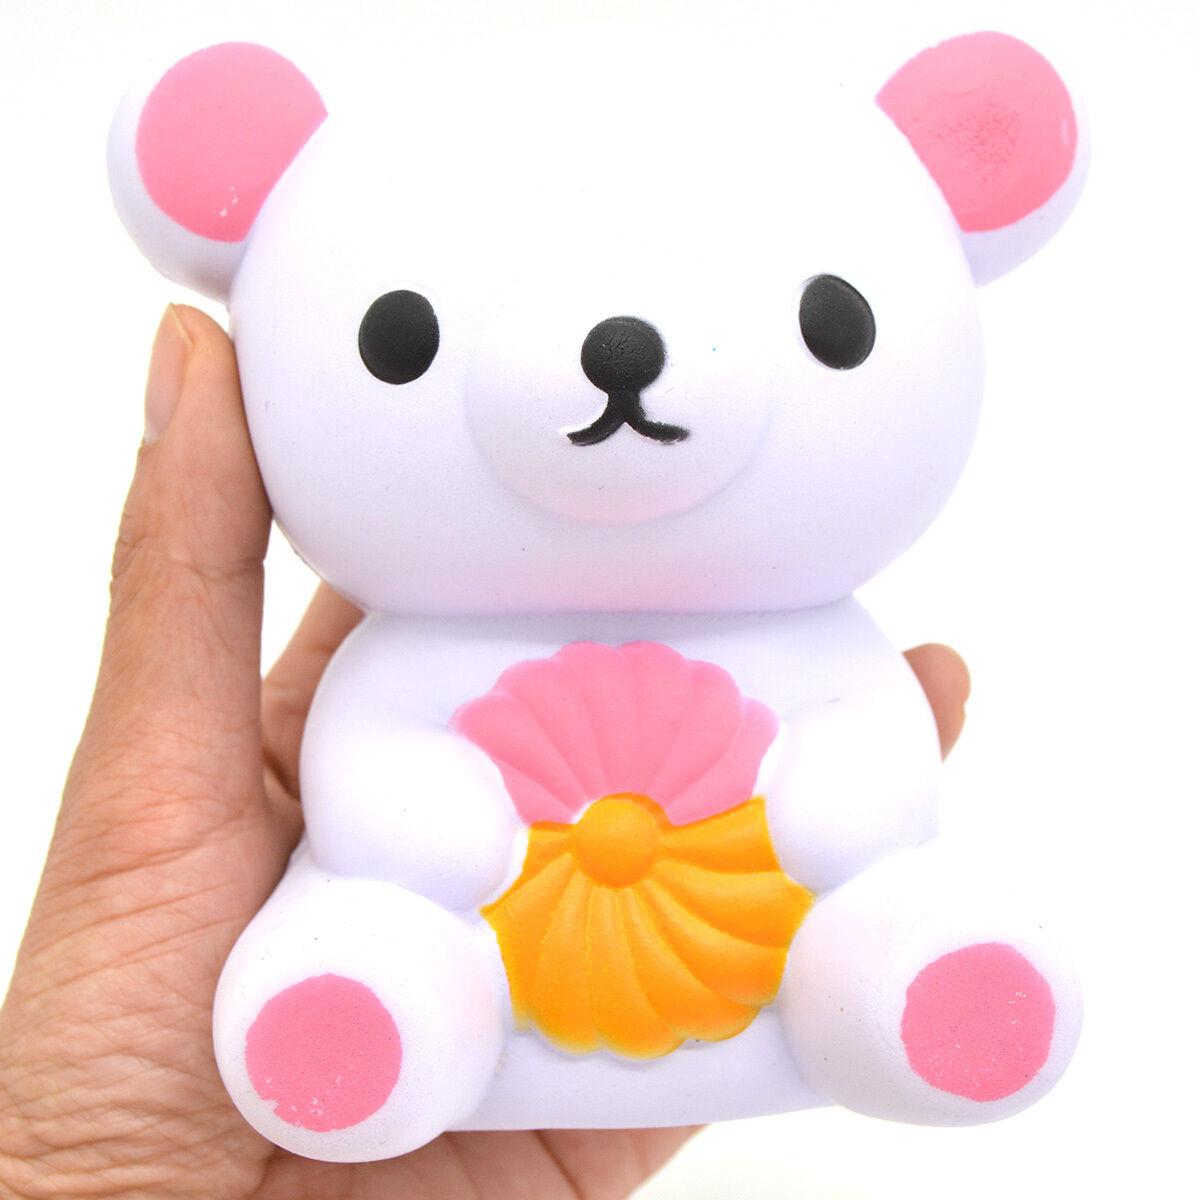 Squishy Toys Europe : New Arrival 12.5CM Cute Rilakkuma Squishy Slow Rising Cartoon Fun Toy Bear Doll eBay